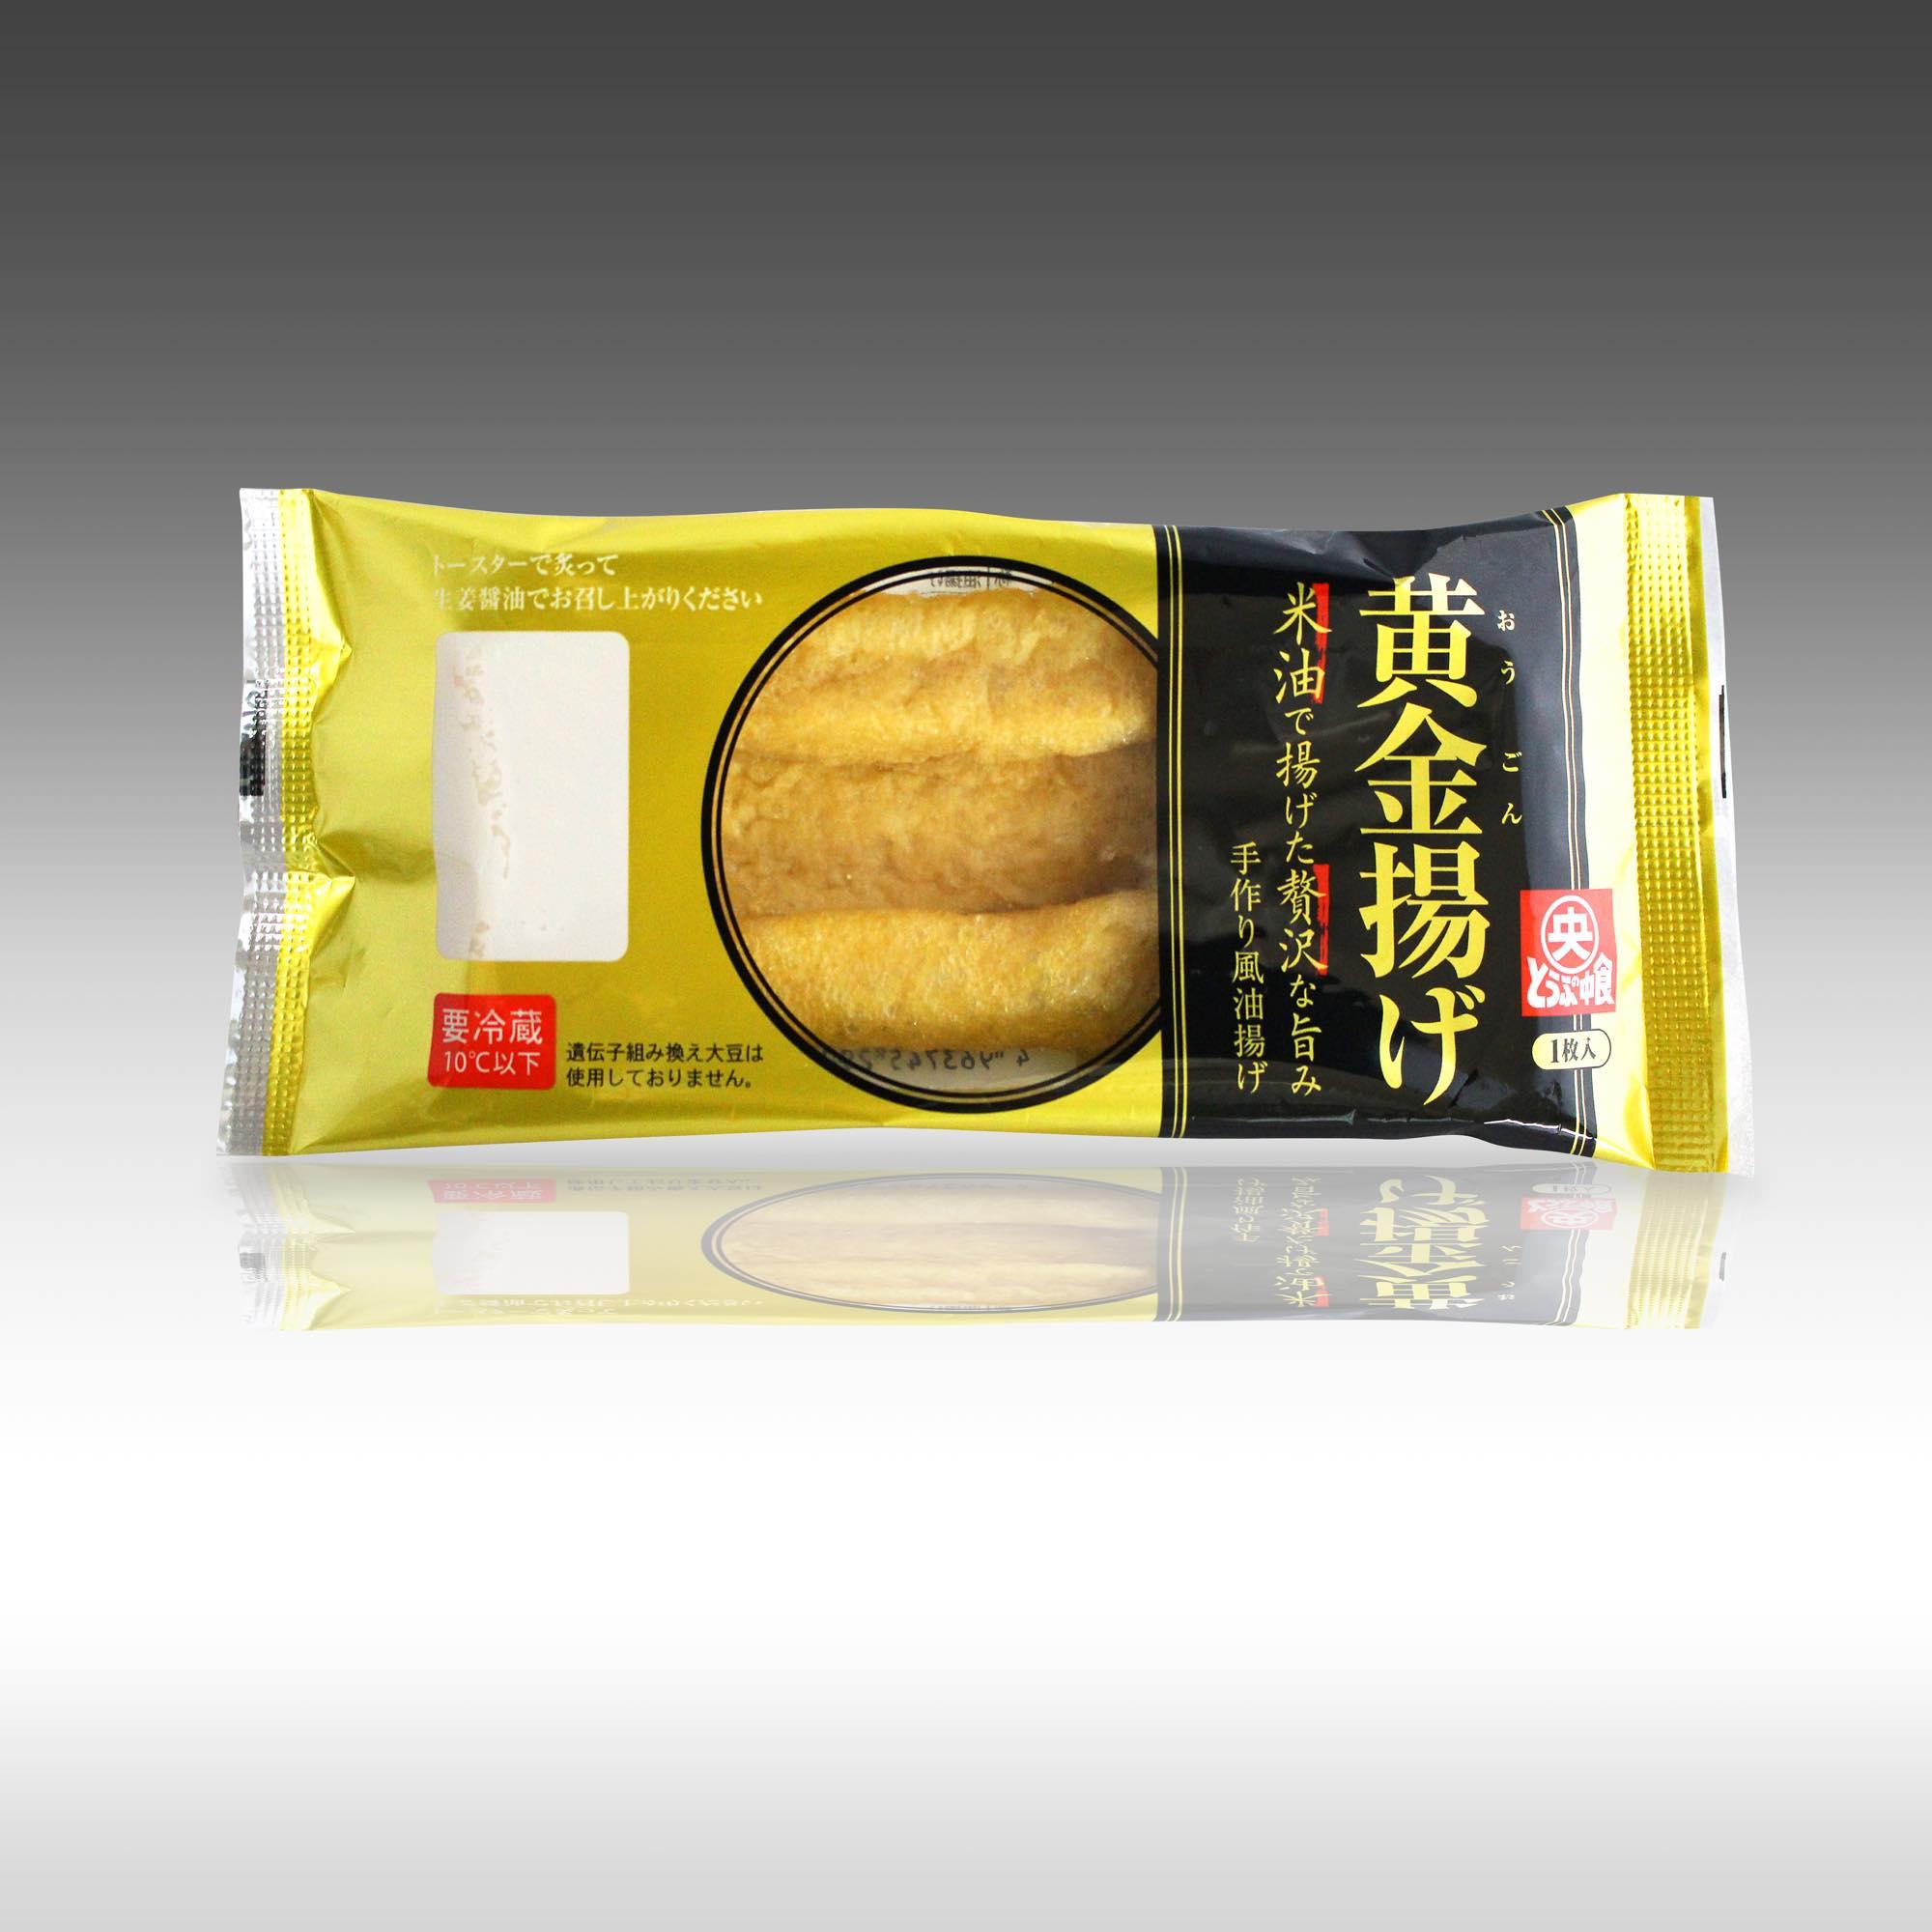 【「ゴールド・エクスペリエンス」黄金体験をしよう!中央食品さんの「黄金揚げ」パッケージ】